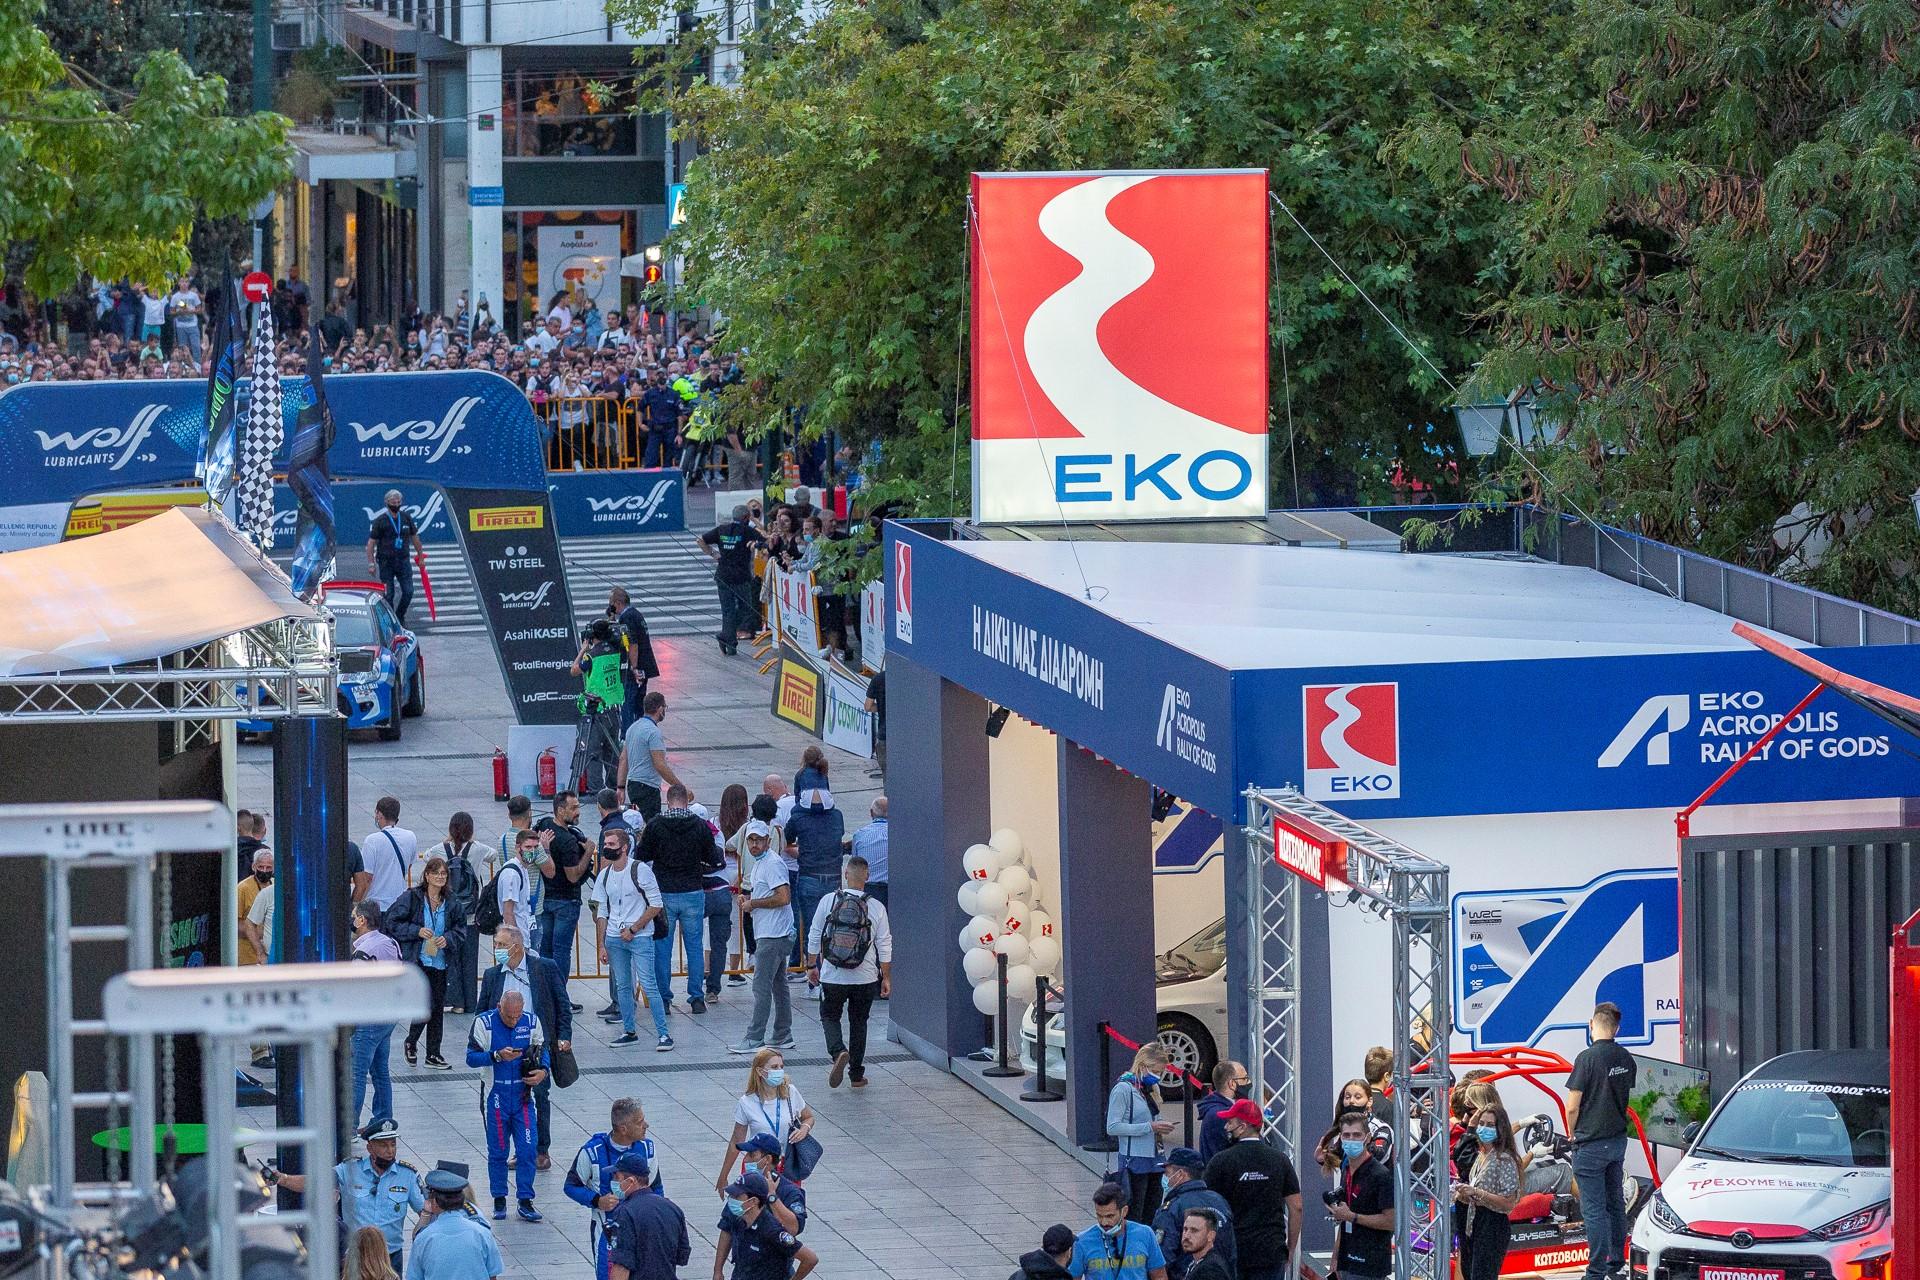 EKO Ράλλυ Ακρόπολις: Ολοκλήρωση του ιστορικού αγώνα με την εγγύηση της ΕΚΟ